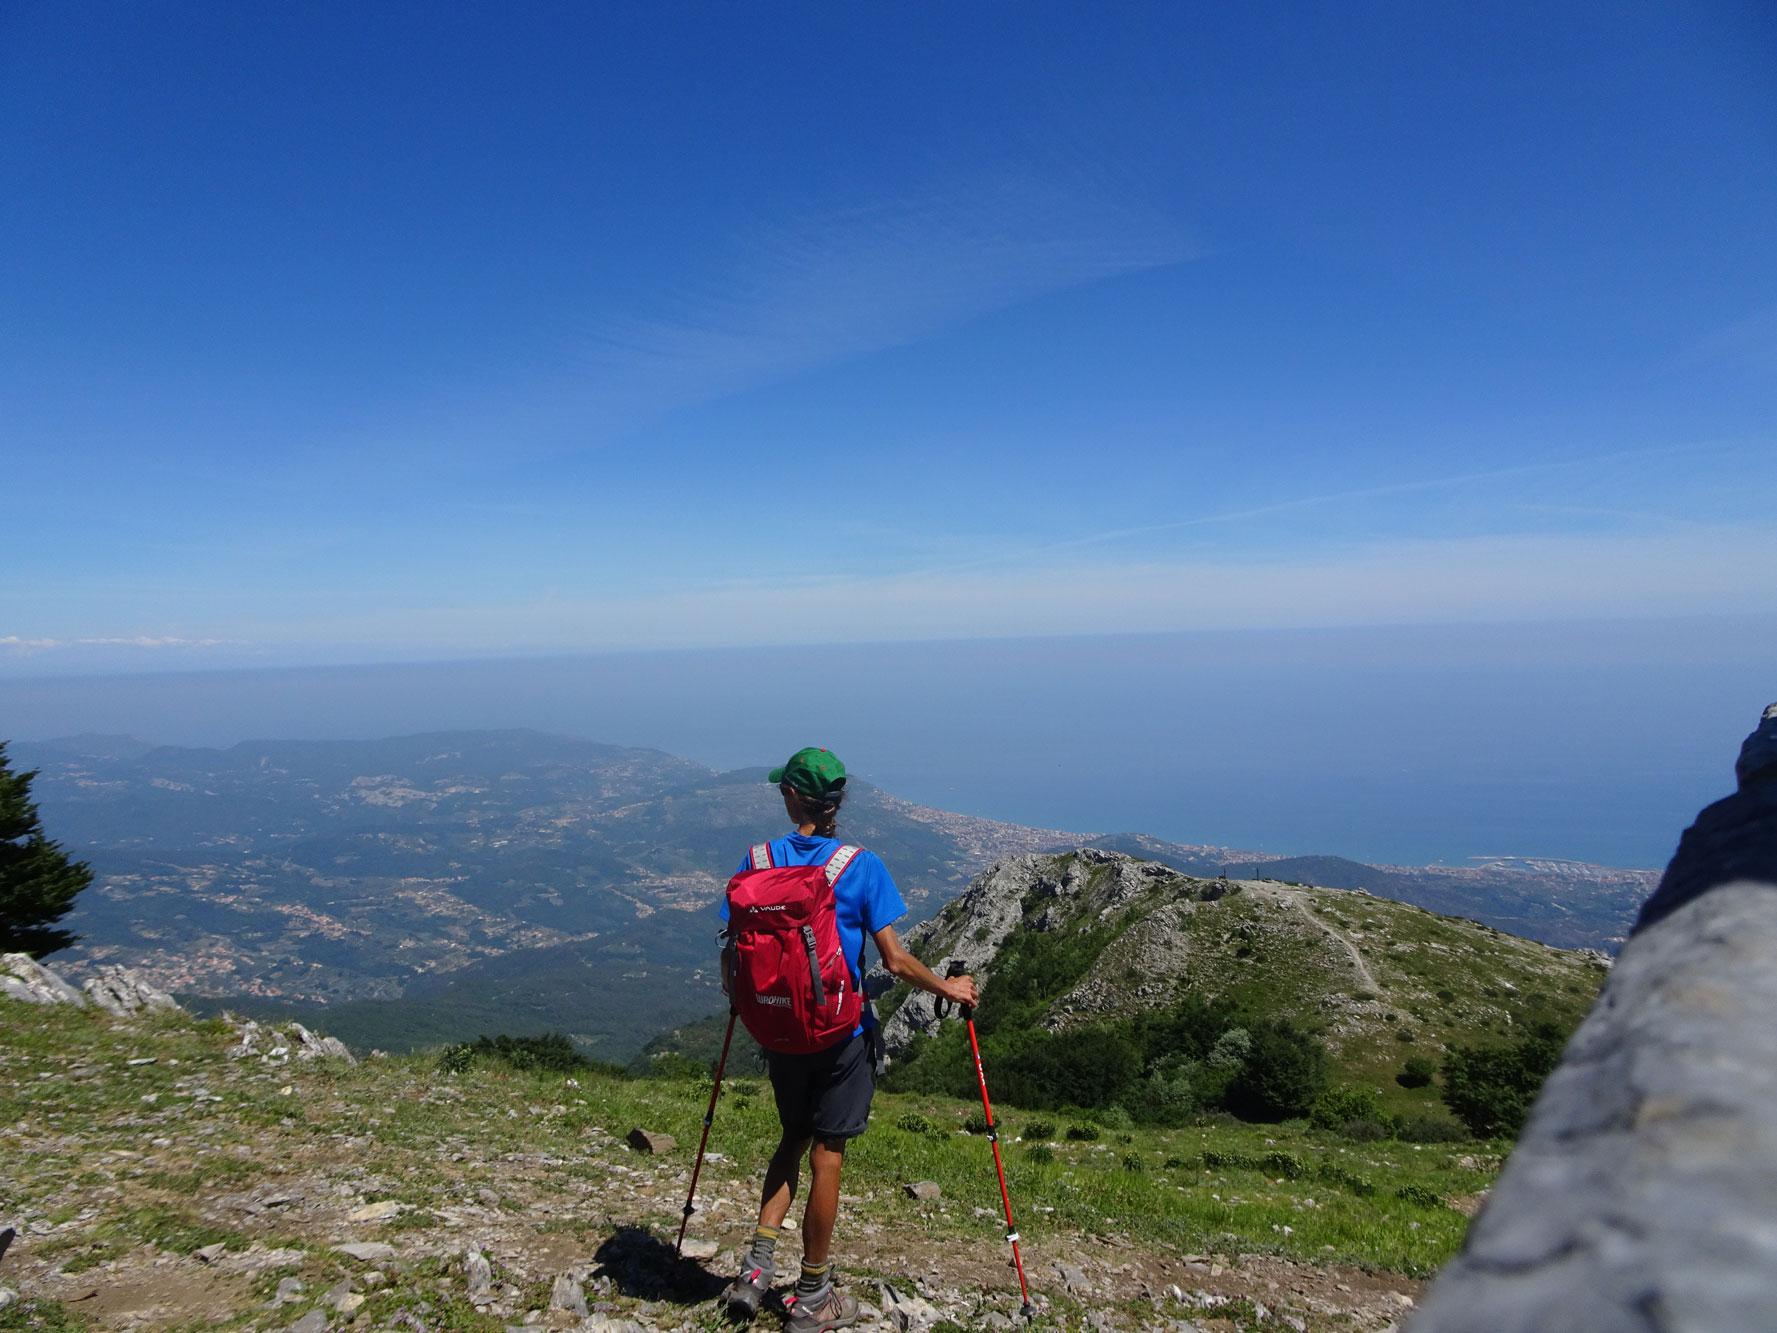 Piemont-Ligurien-Ligurische-Kueste-Panoramablick-Wanderer-1